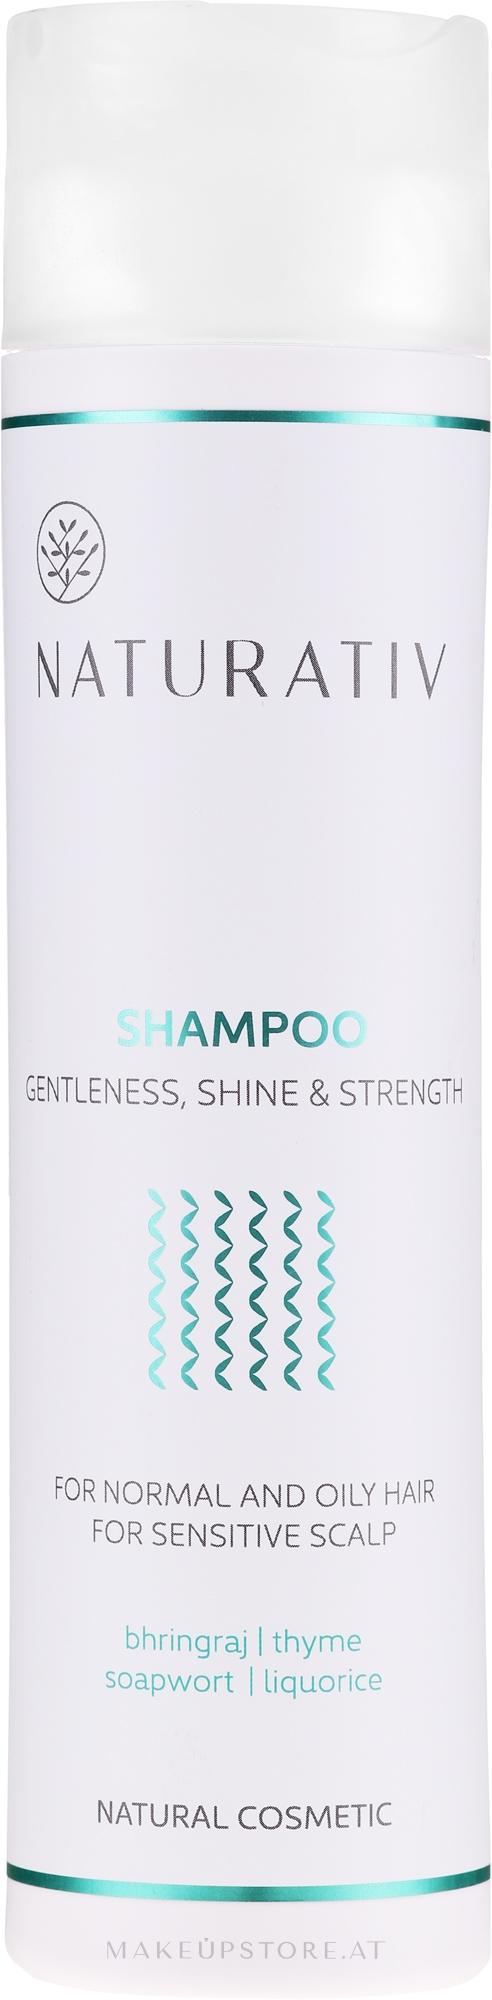 Shampoo für normales bis fettiges Haar und empfindliche Kopfhaut - Naturativ Getleness Shine&Strength Shampoo — Bild 250 ml